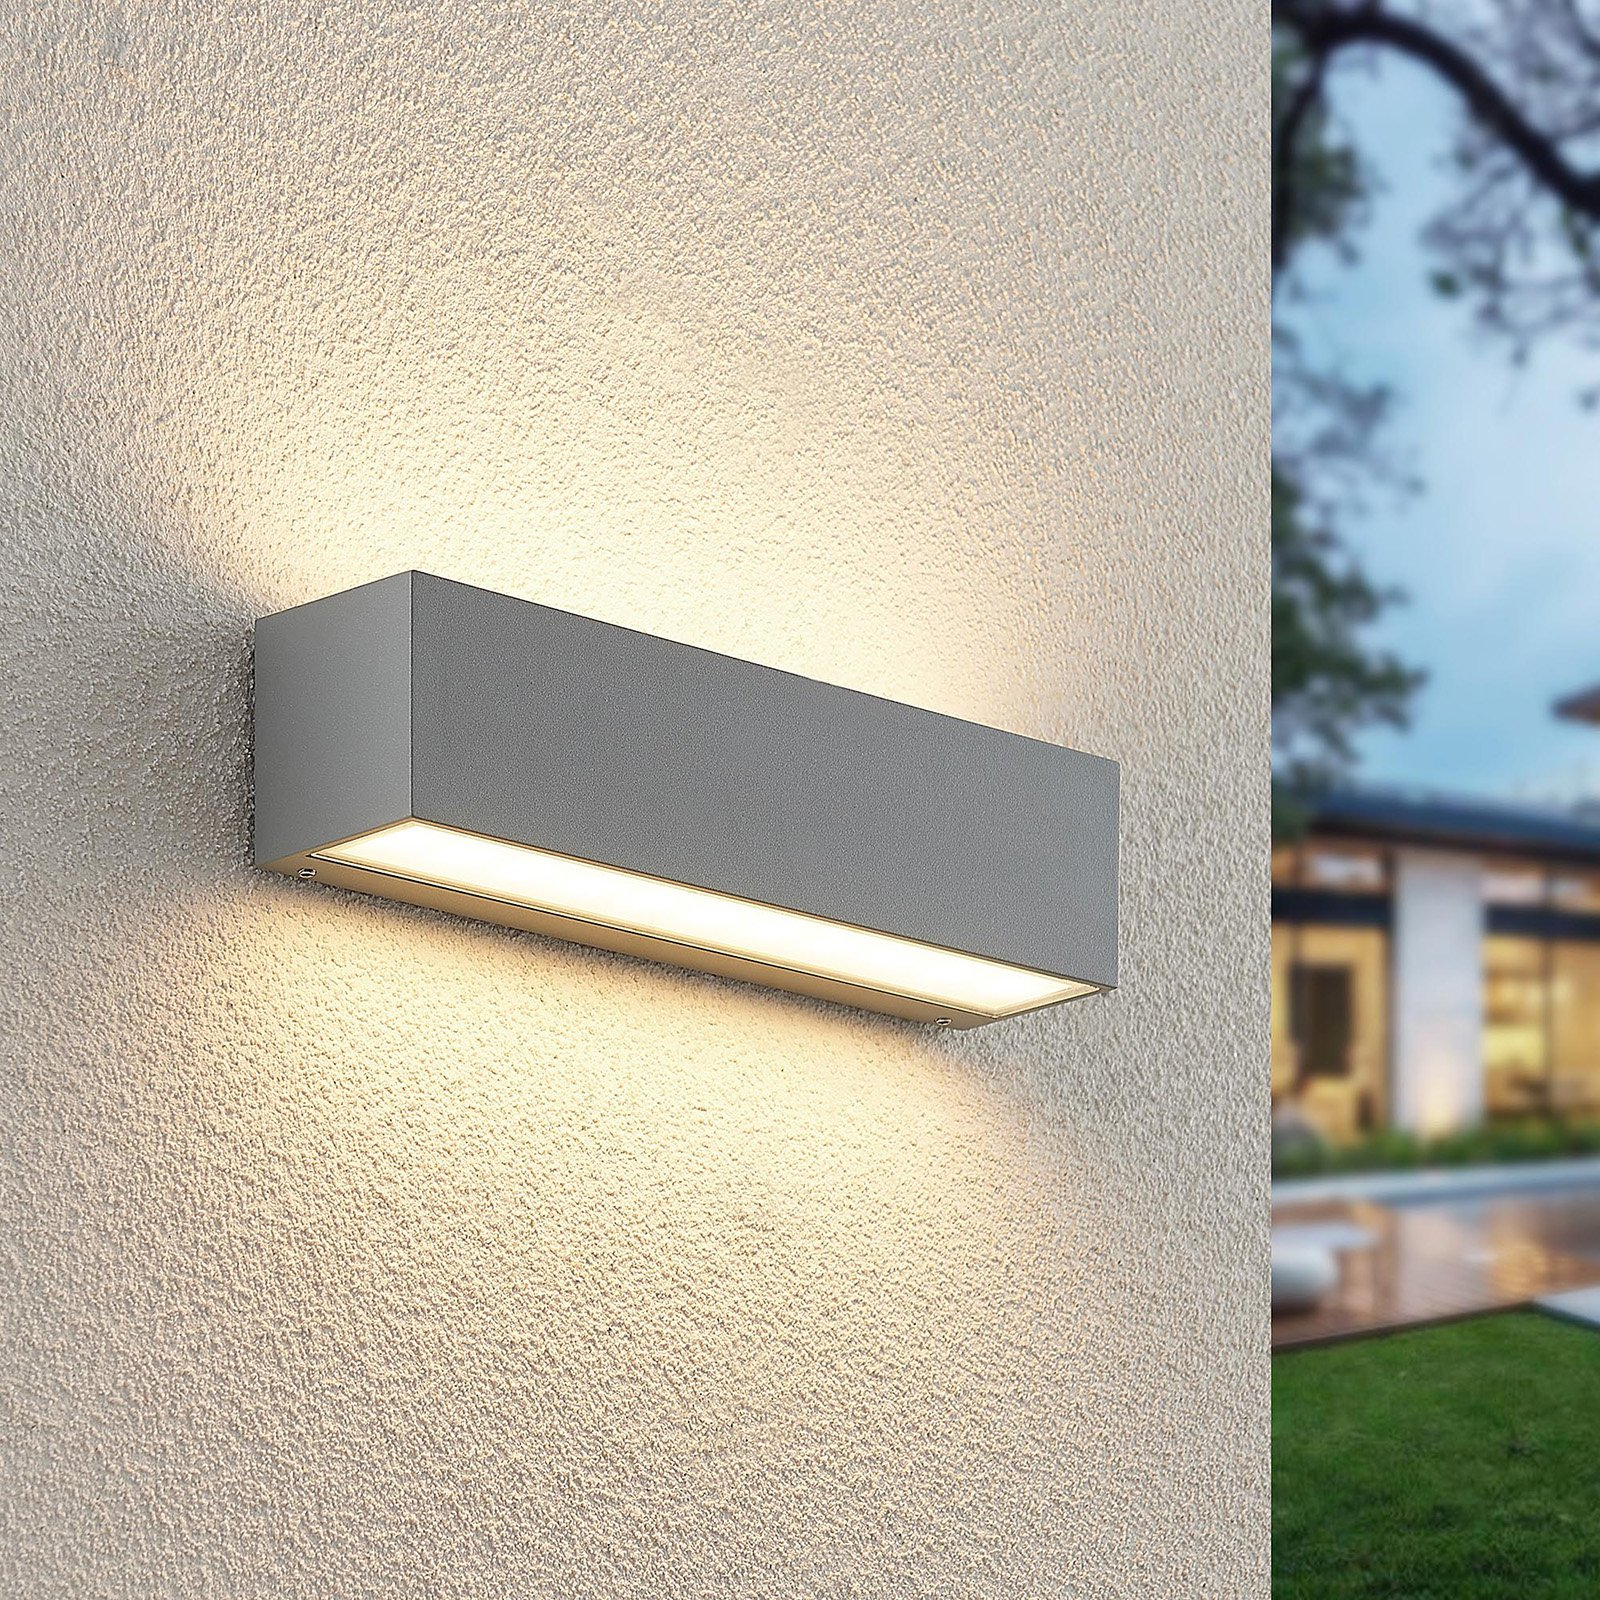 Lucande Lengo LED-vegglampe, up down, 25cm